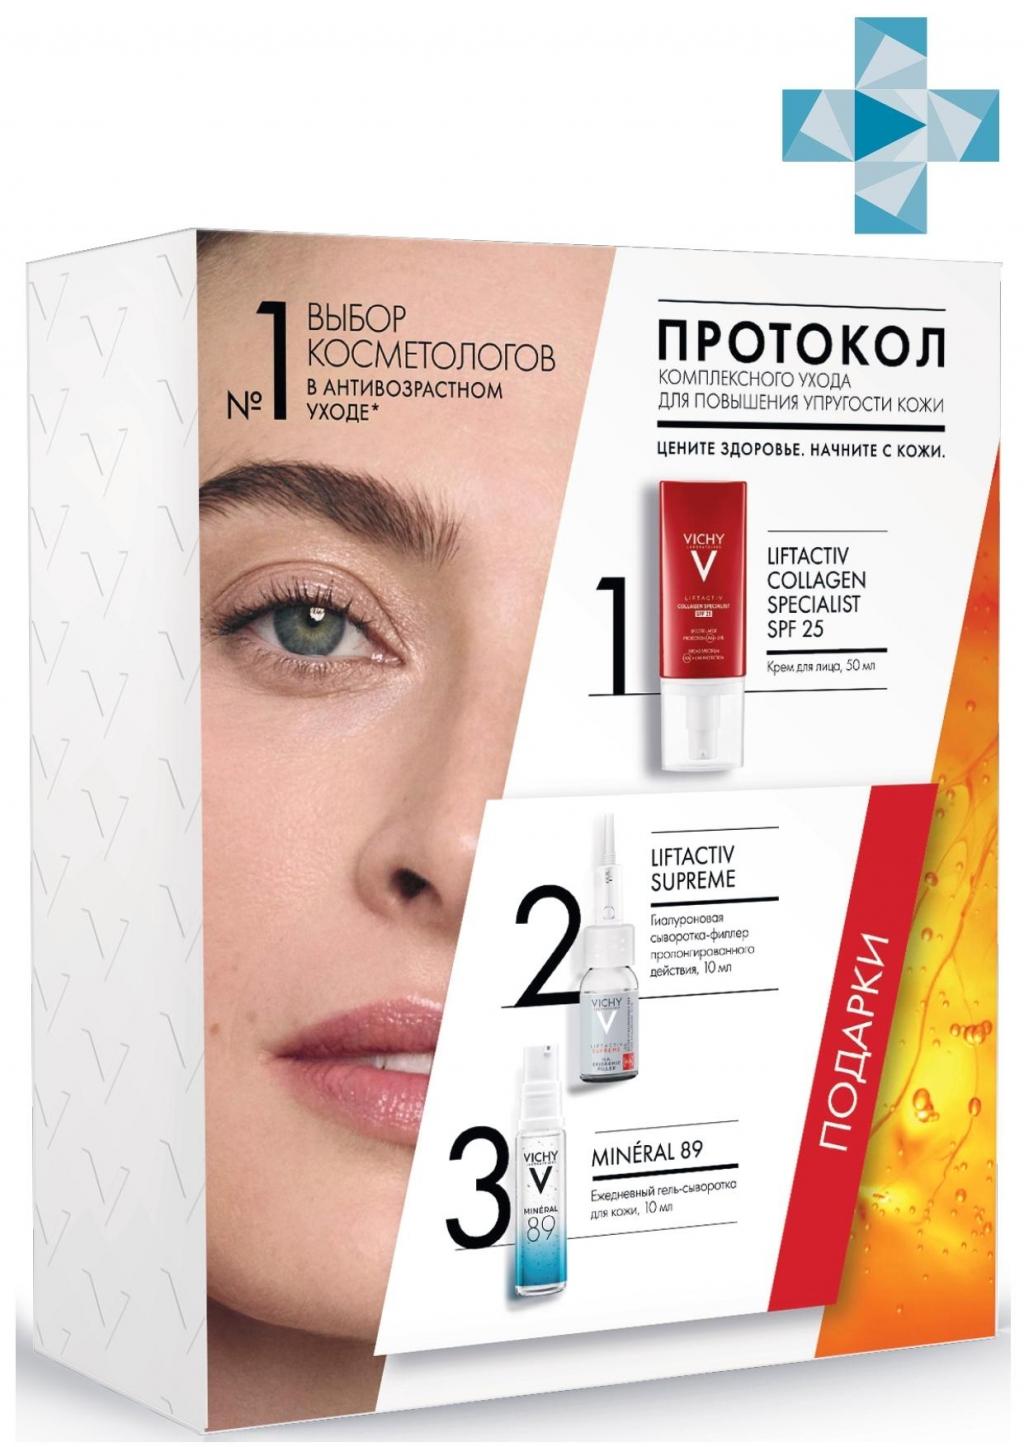 Vichy Набор Liftactiv Collagen Комплексный уход для повышения упругости кожи (Vichy, Liftactiv)